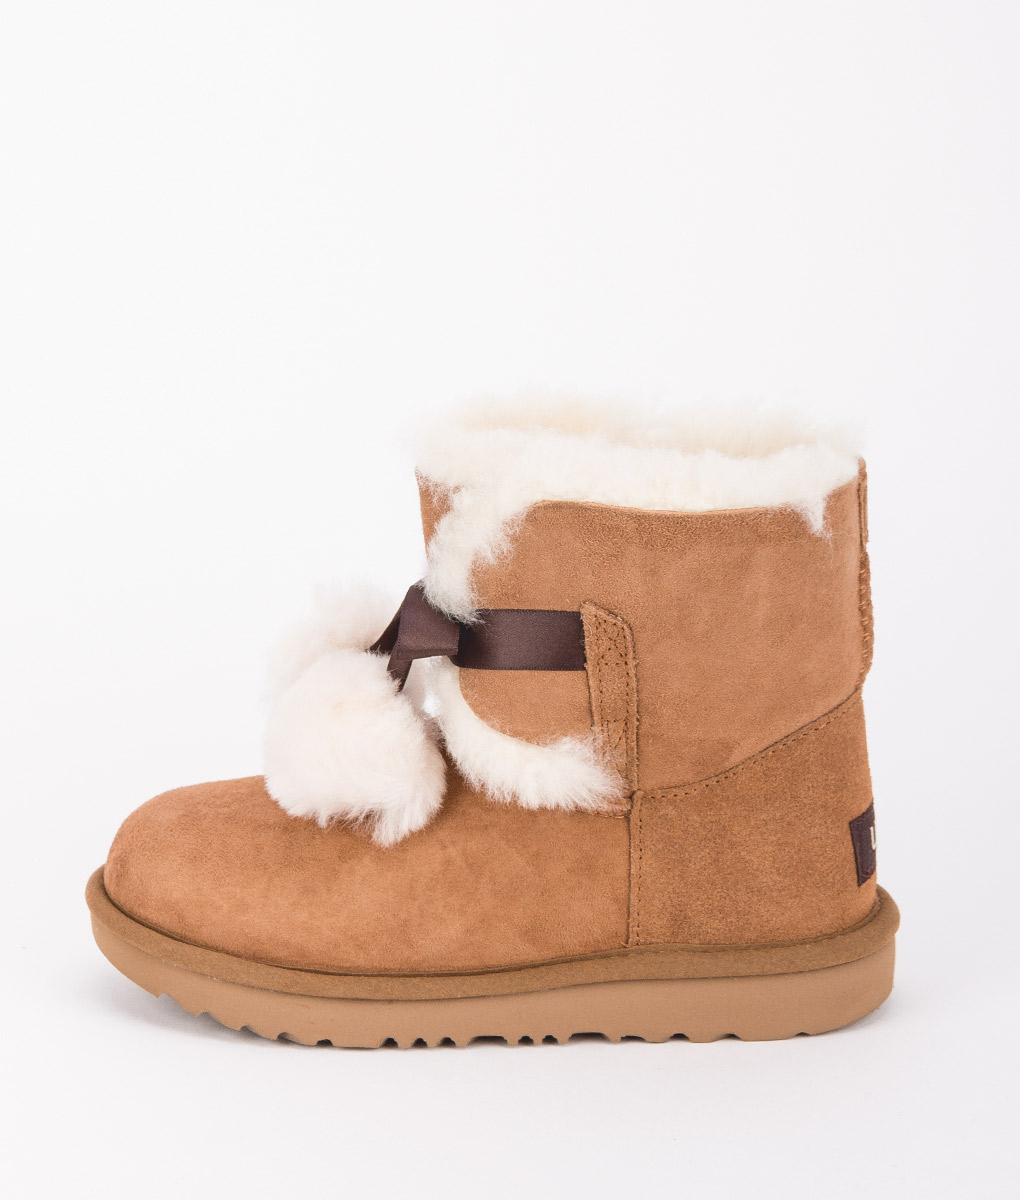 UGG Kids Ankle Boots 1017403K GITA, Chestnut